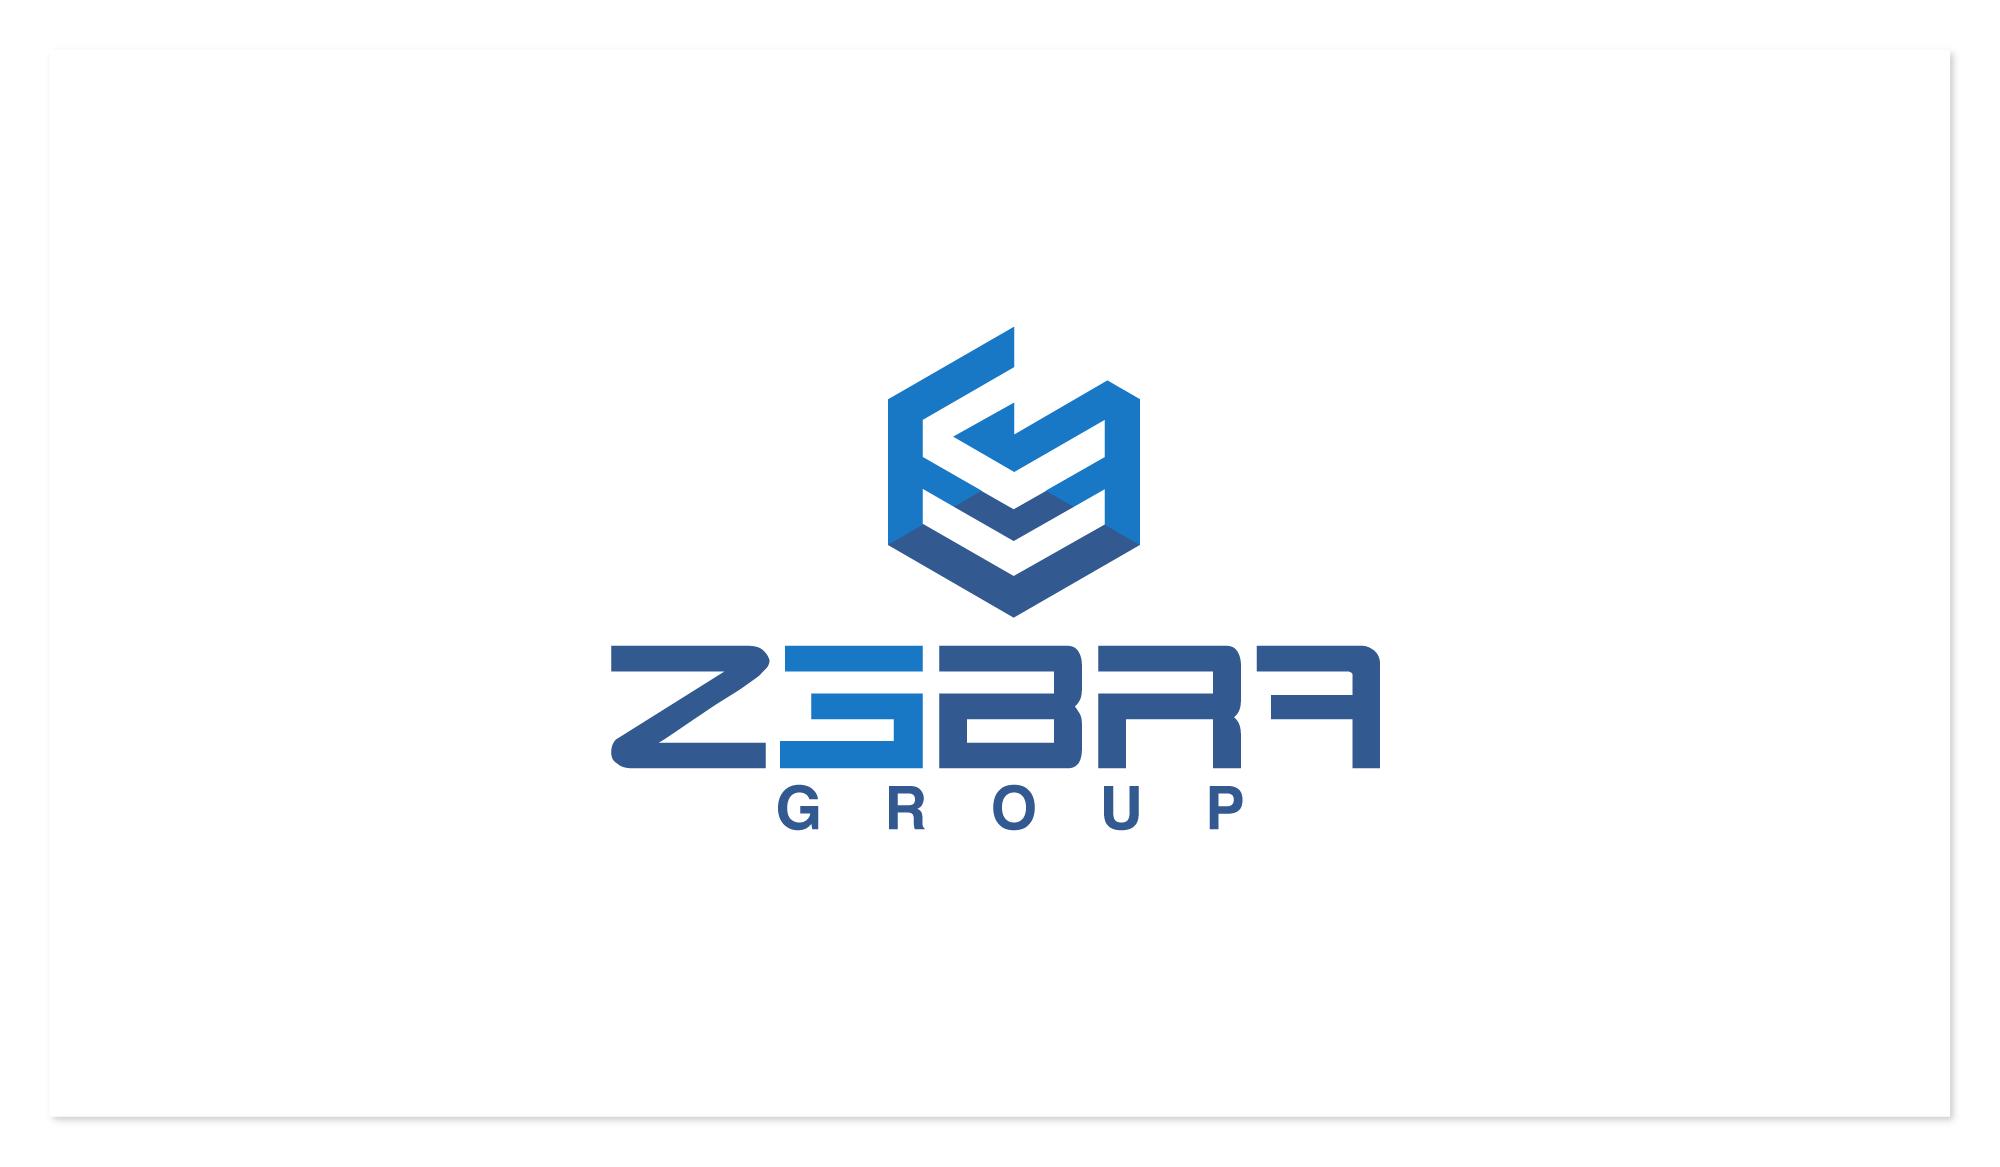 Z3BRA Group needs a new logo